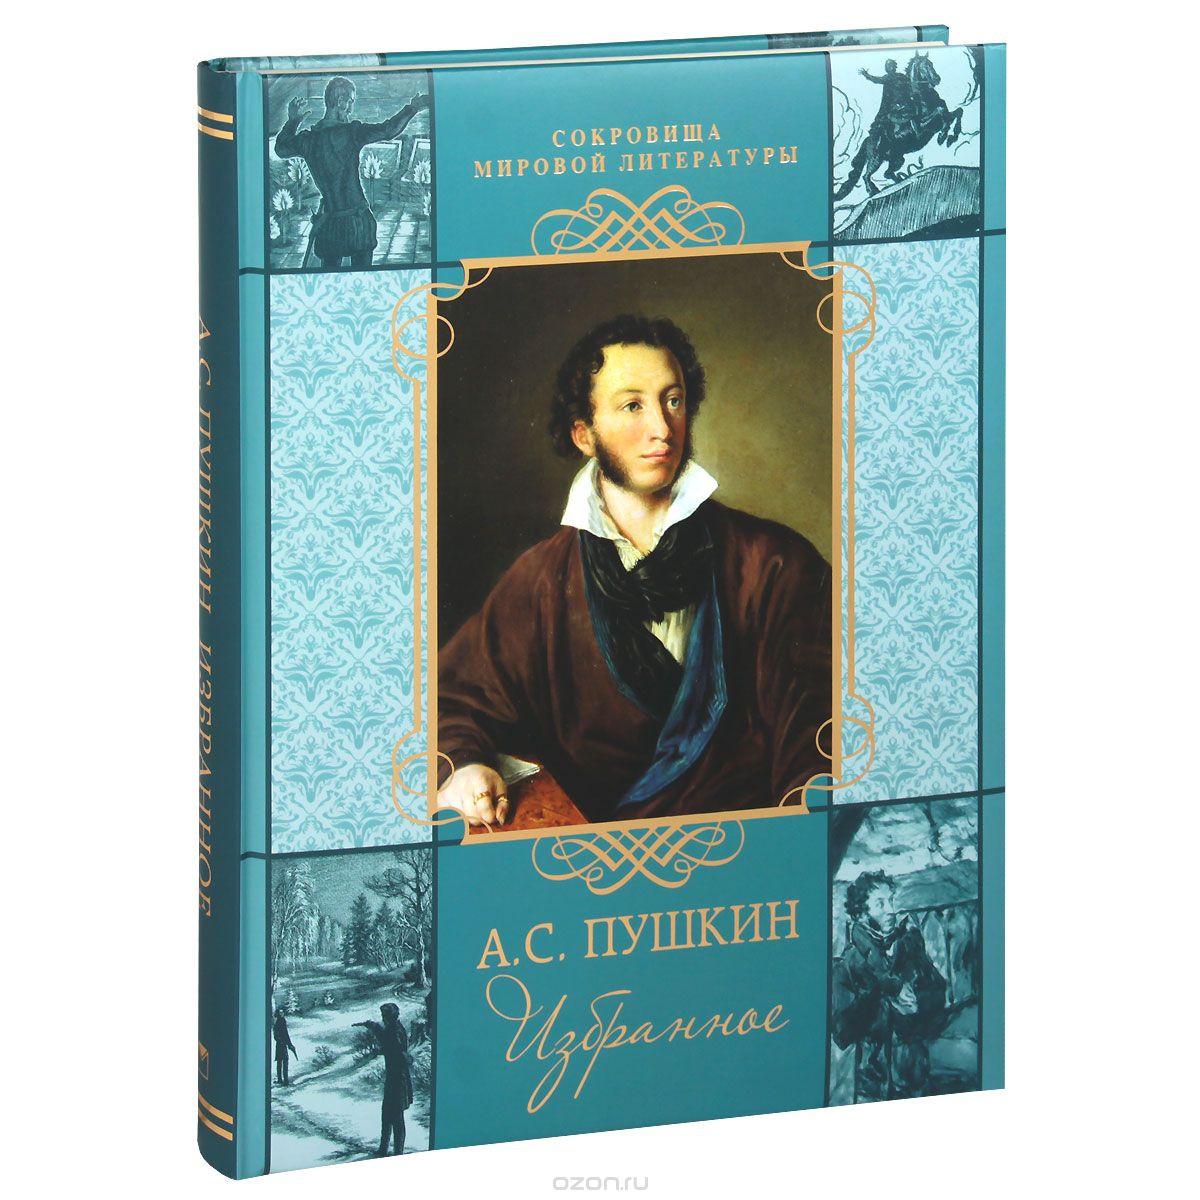 Избранное А. С. Пушкин